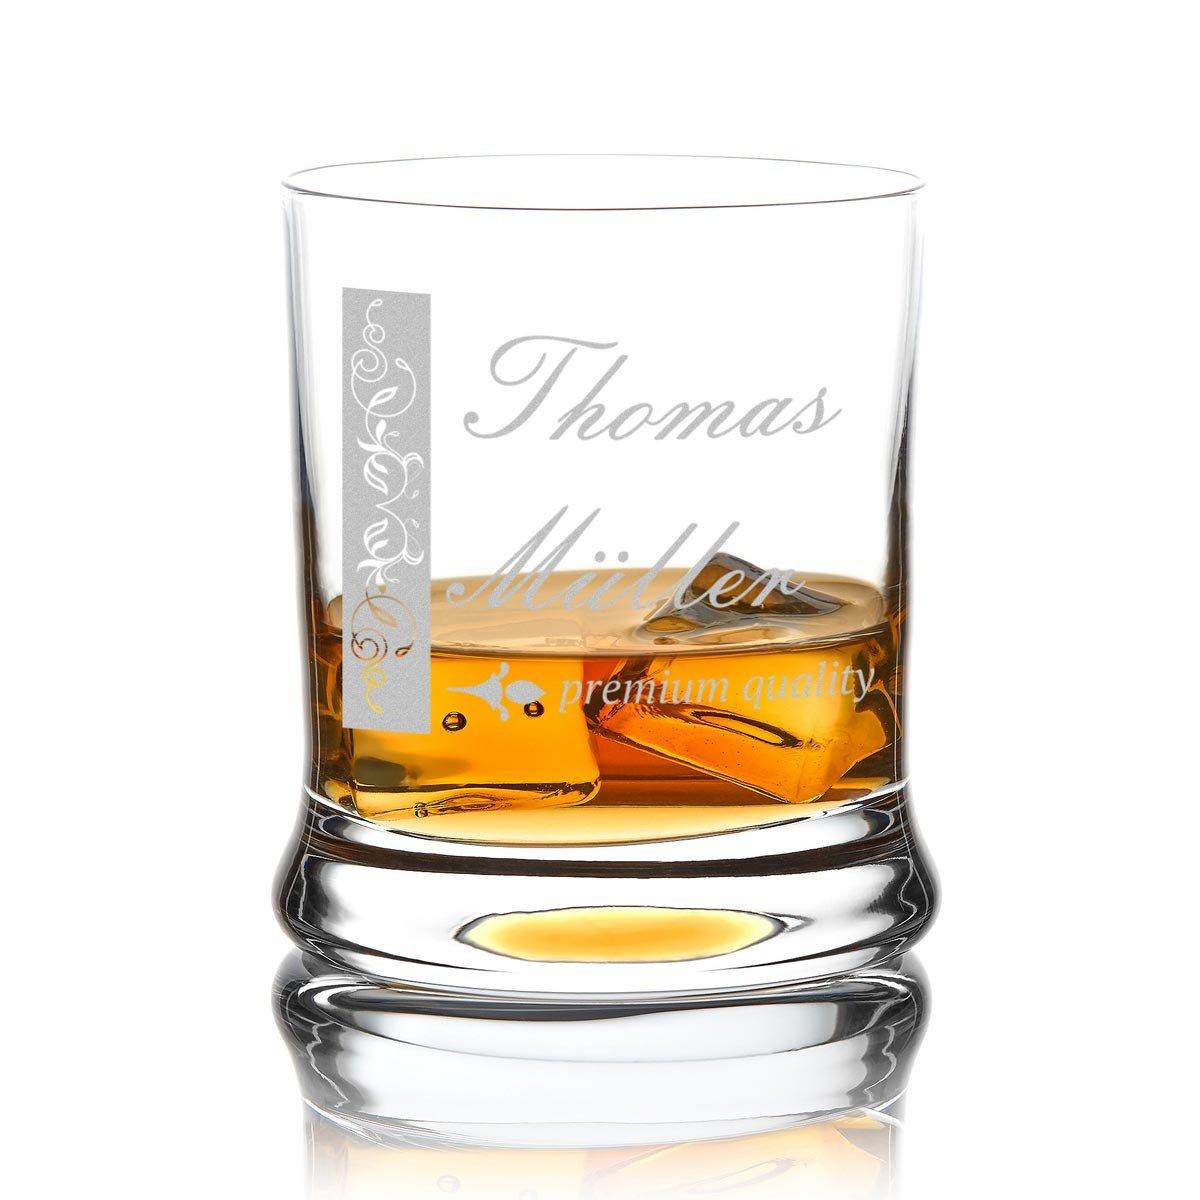 polar-effekt Leonardo Whiskyglas Personalisiert 350 ml - Tumbler für Whiskey, Scotch und Co - Männer-Geschenk mit Gravur Vorname und Nachname - Motiv verschnörkelter Rahmen